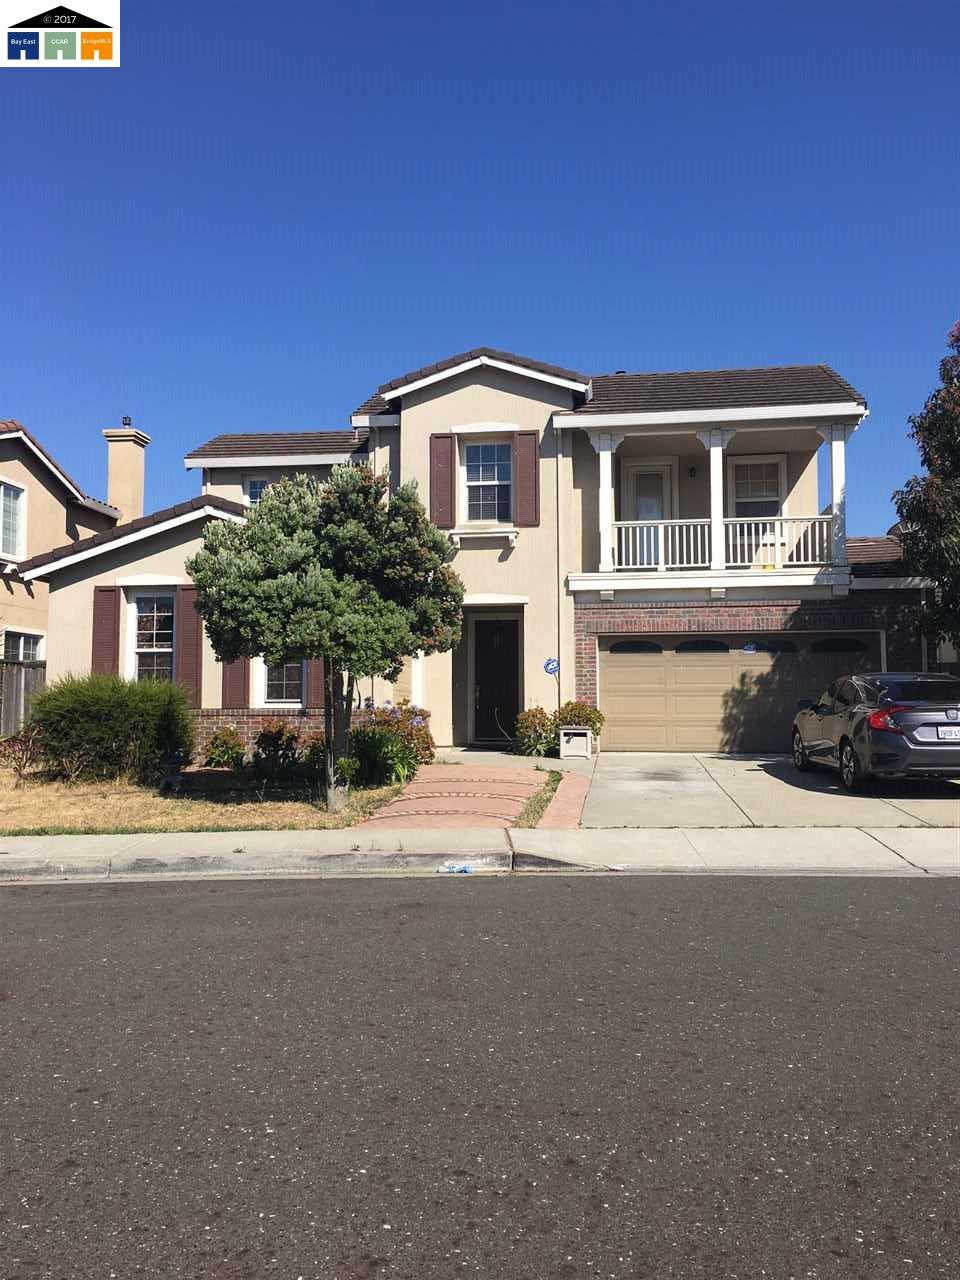 29140 Marshbrook Dr, HAYWARD, CA 94545